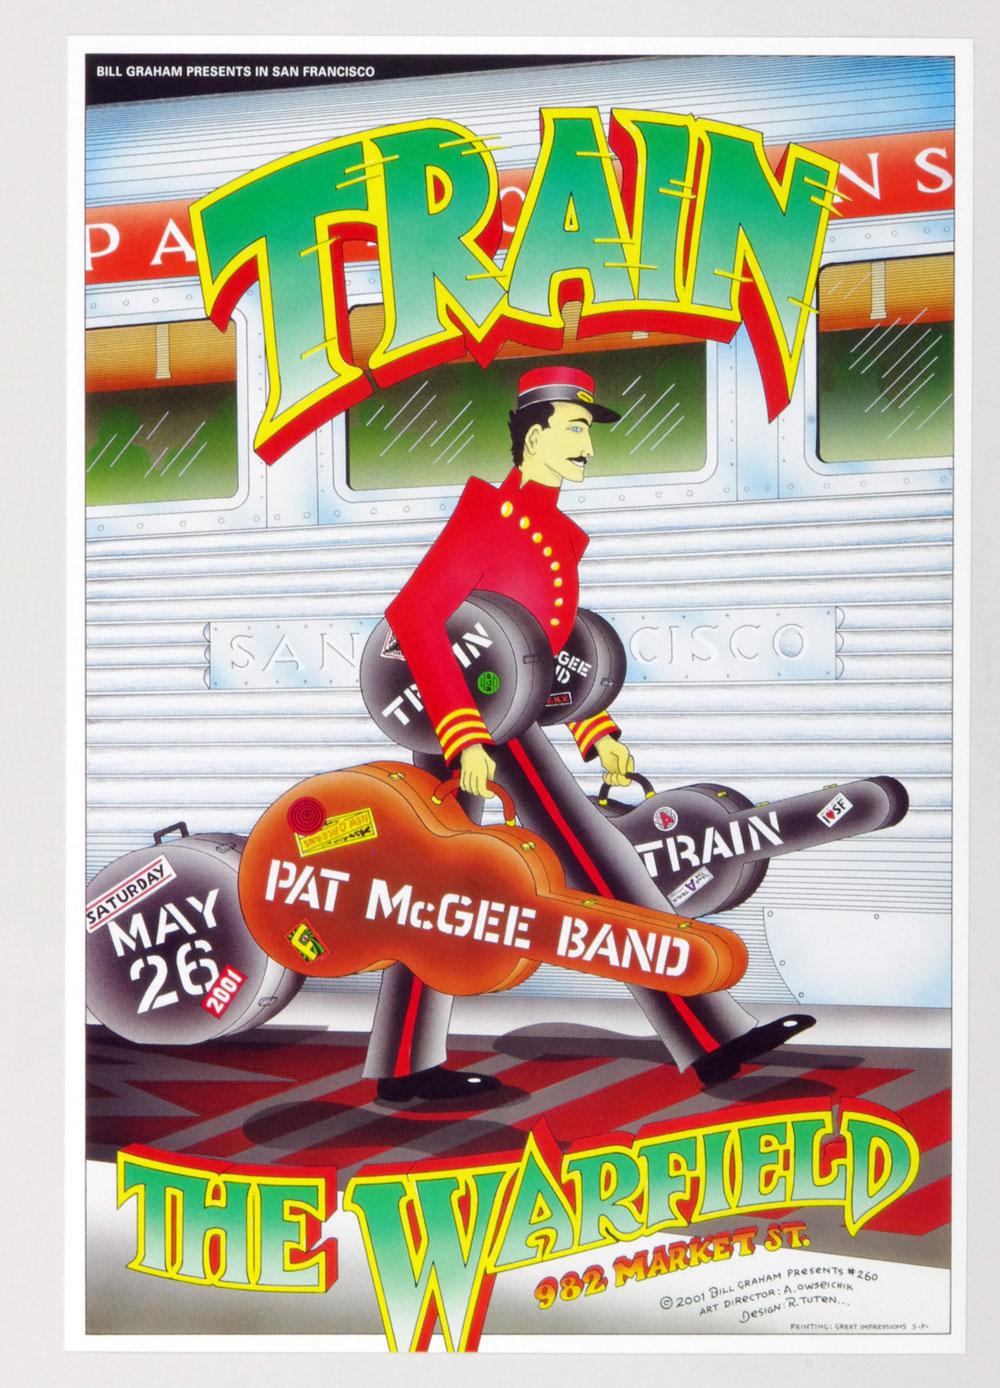 Bill Graham Presents Poster 2001 May 26 Train #260